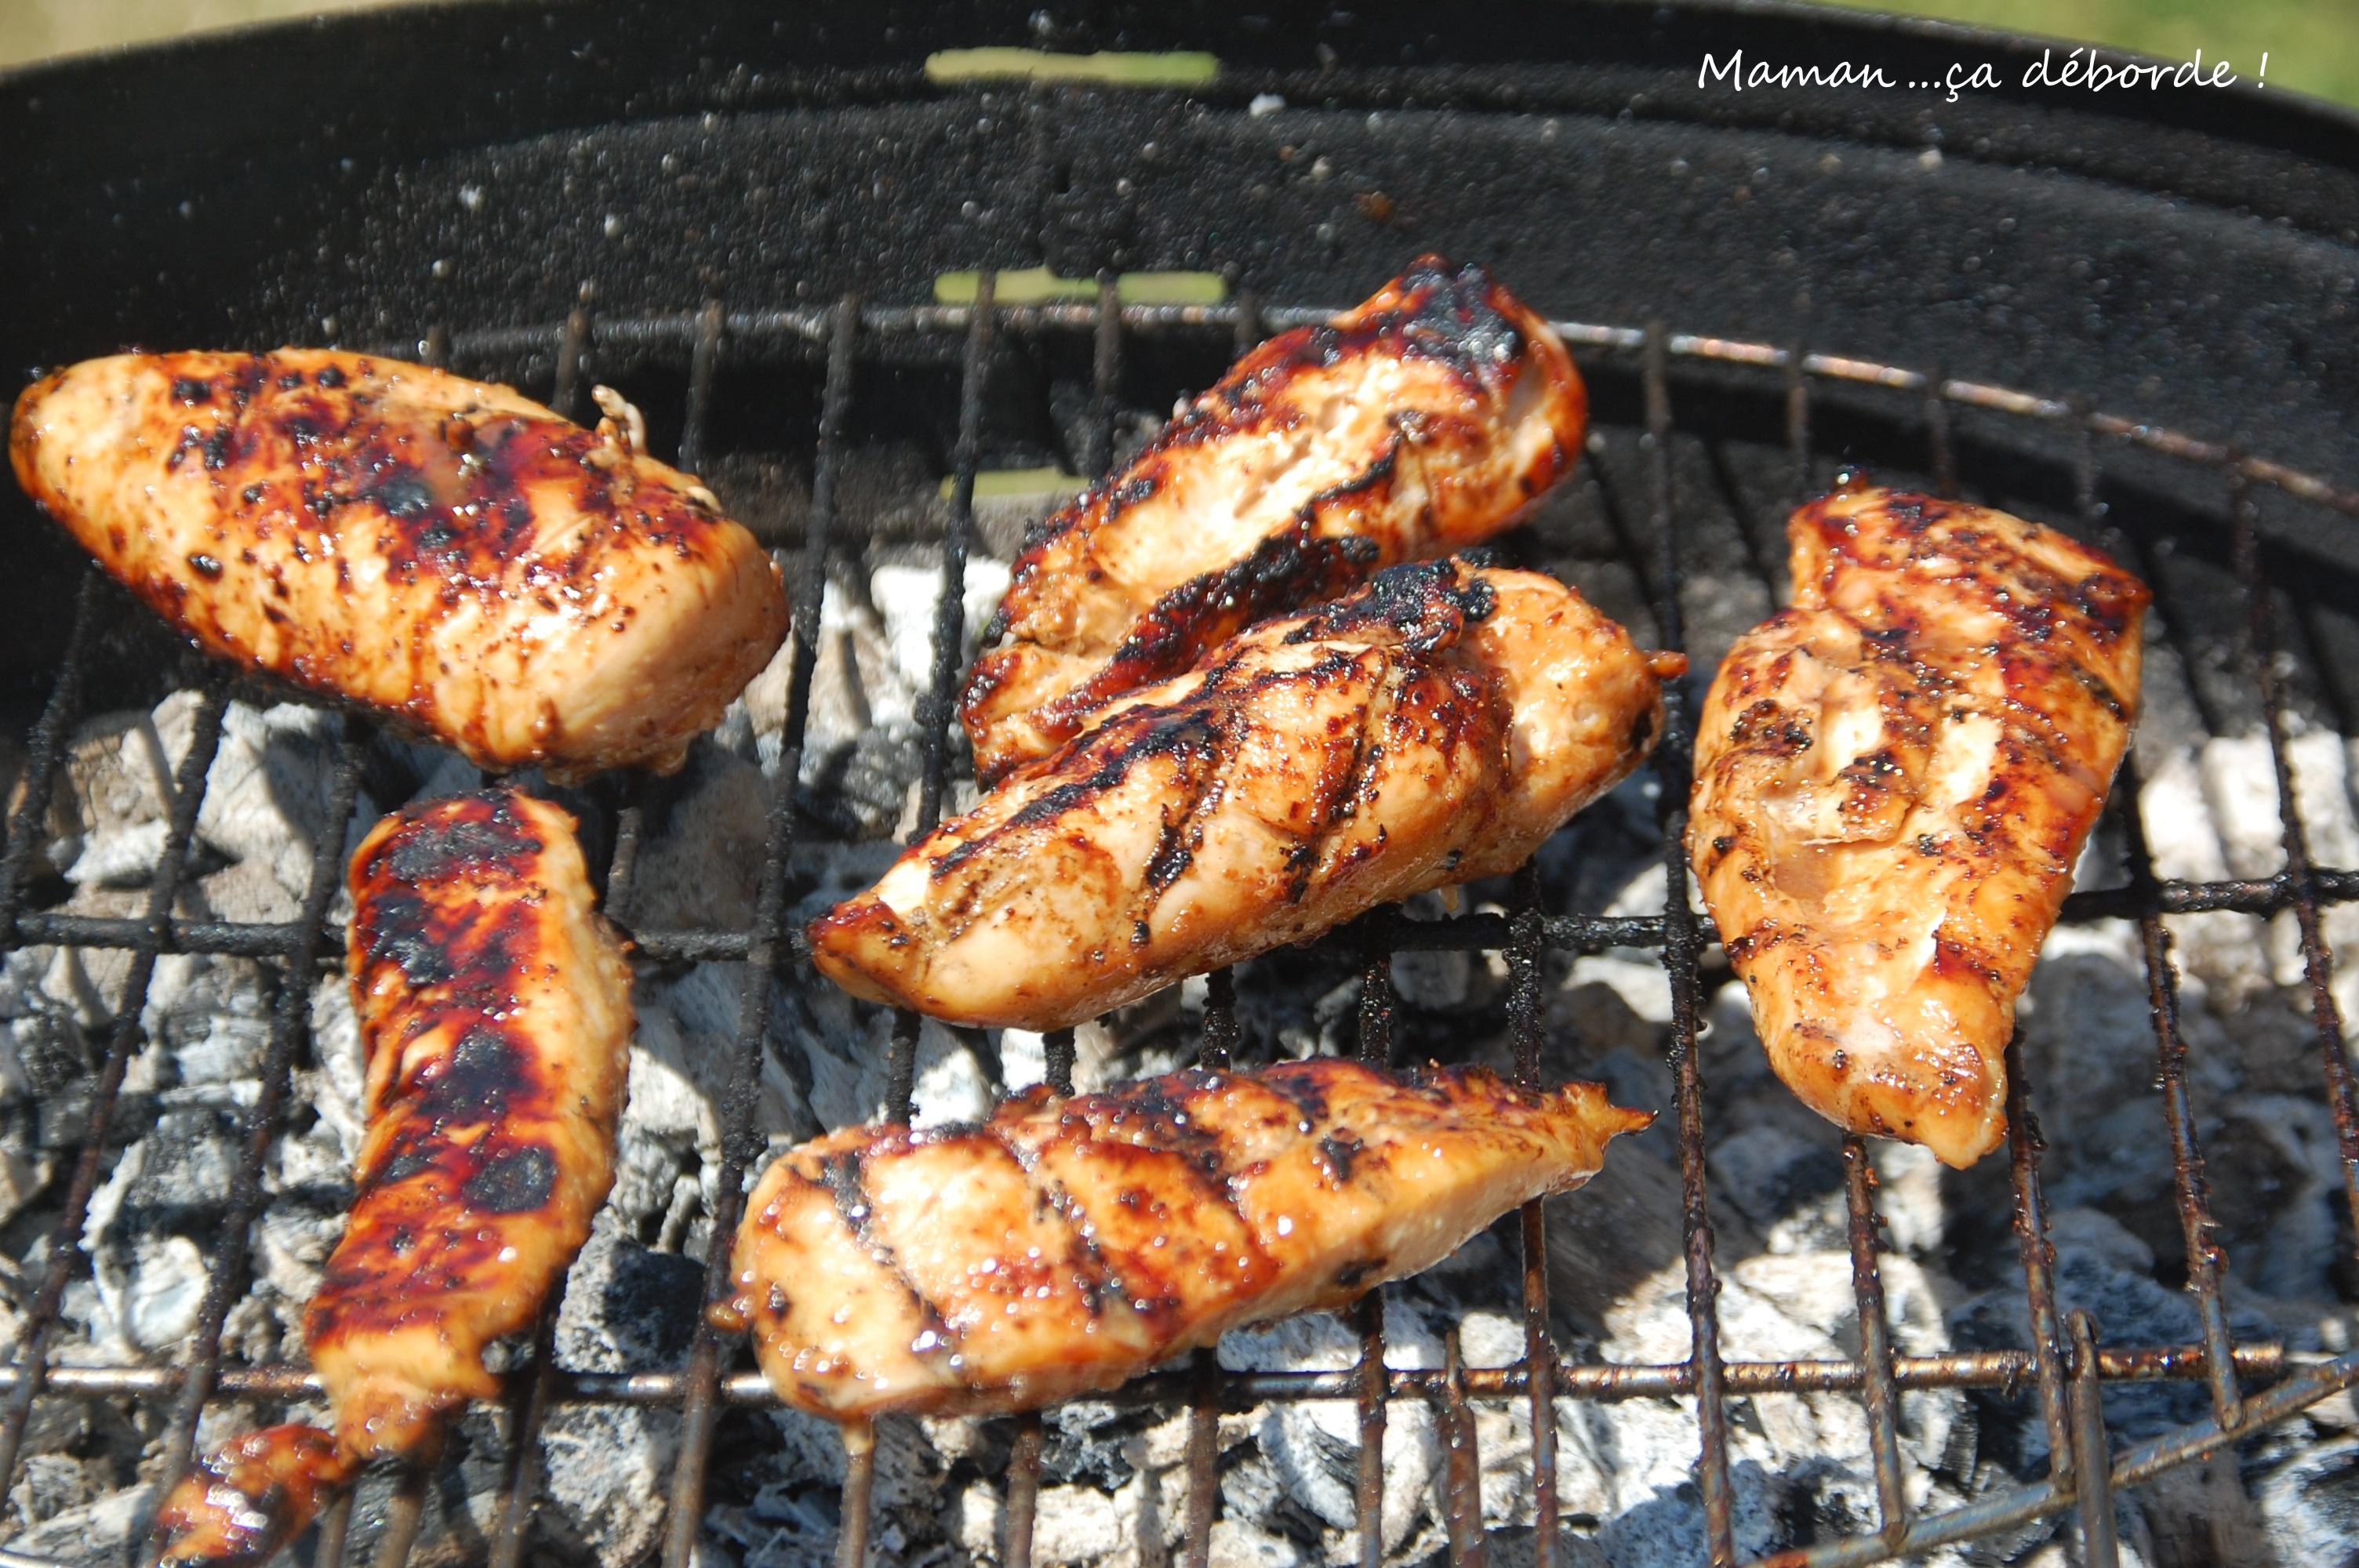 marinade pour poulet au barbecue - mamança déborde